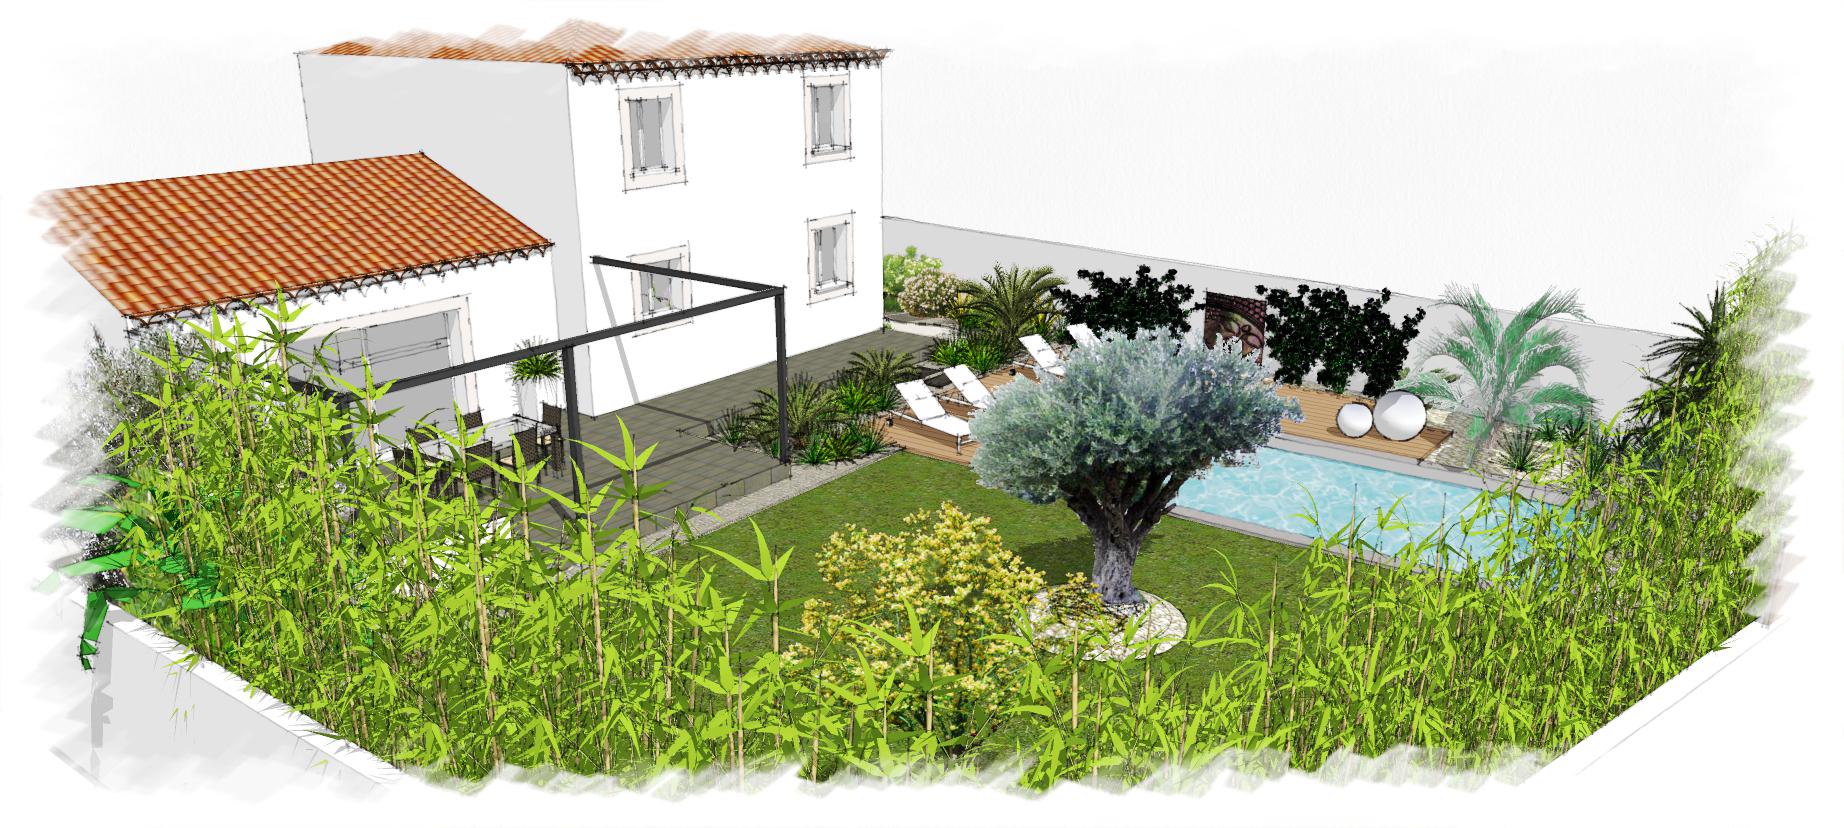 Actualit architectes paysagistes valea concept for Jardin concept